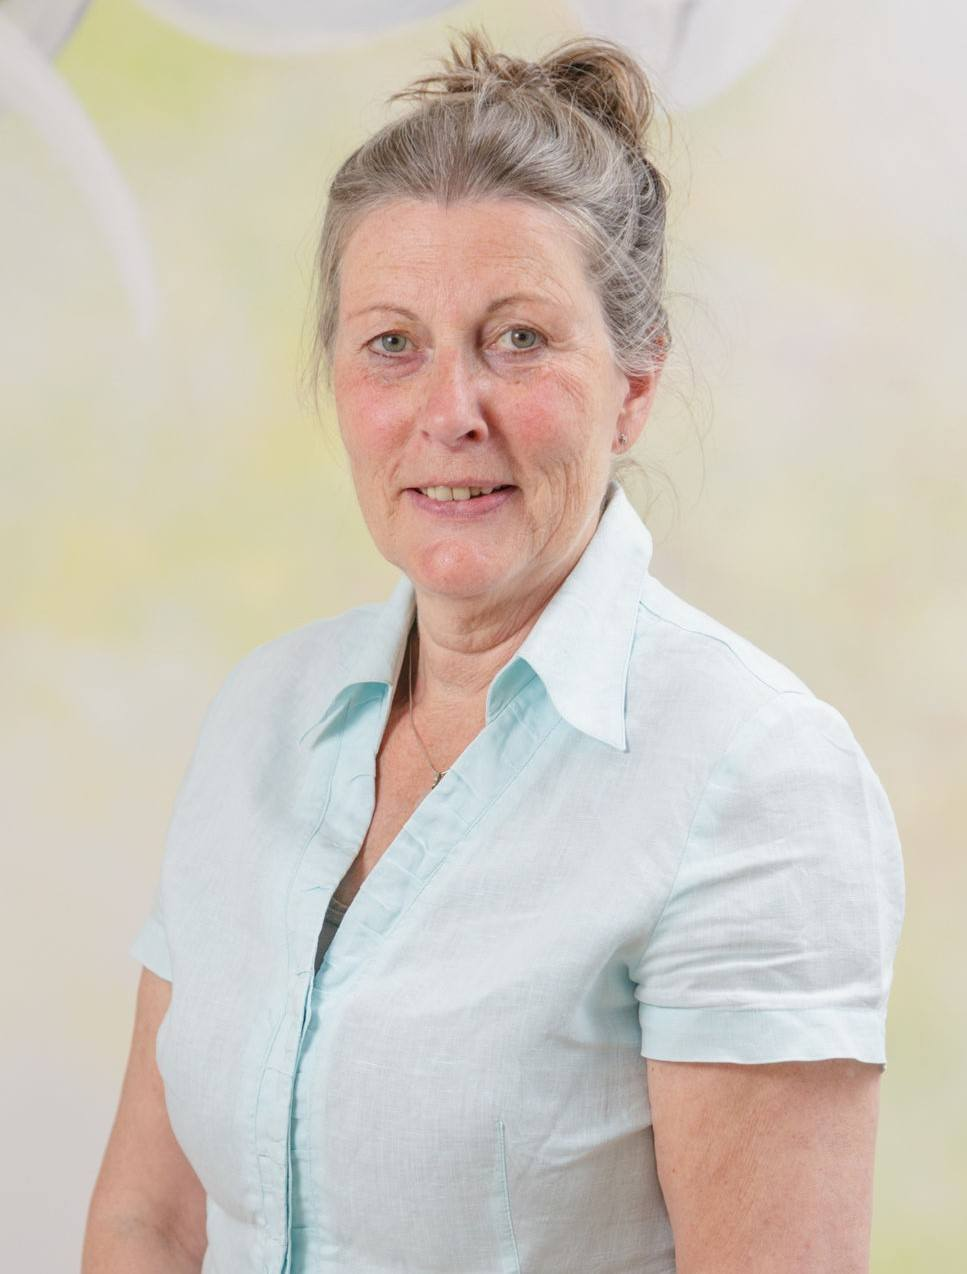 Silvia Arentsen - helpt vrouwen in de overgang en deelt haar ervaringen als ondernemer